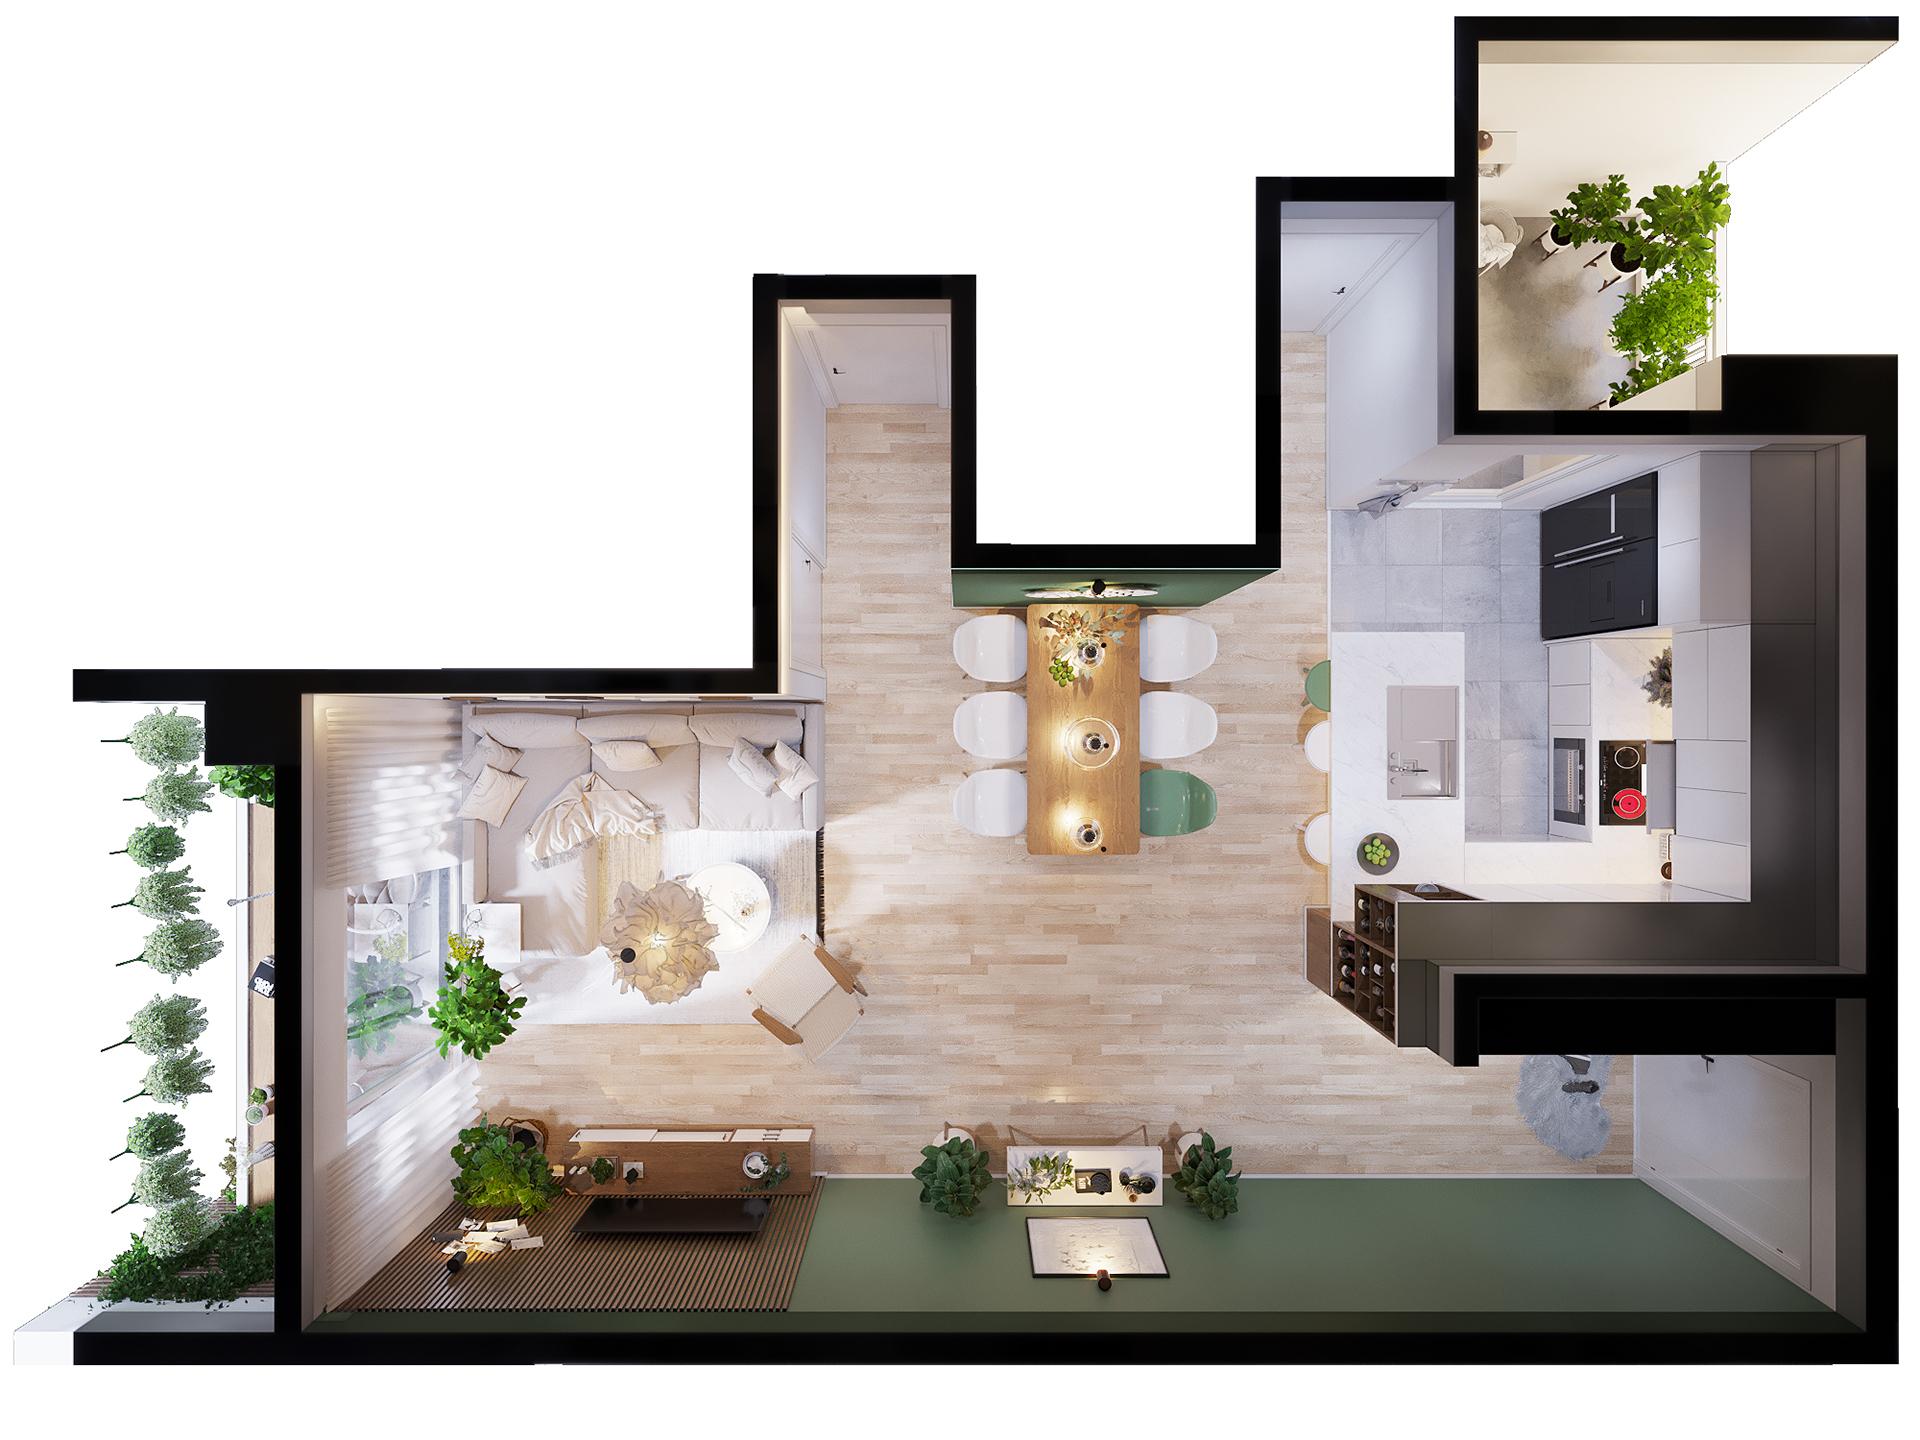 Mẫu thiết kế nội thất nhà đẹp phù hợp cho gia đình có con nhỏ